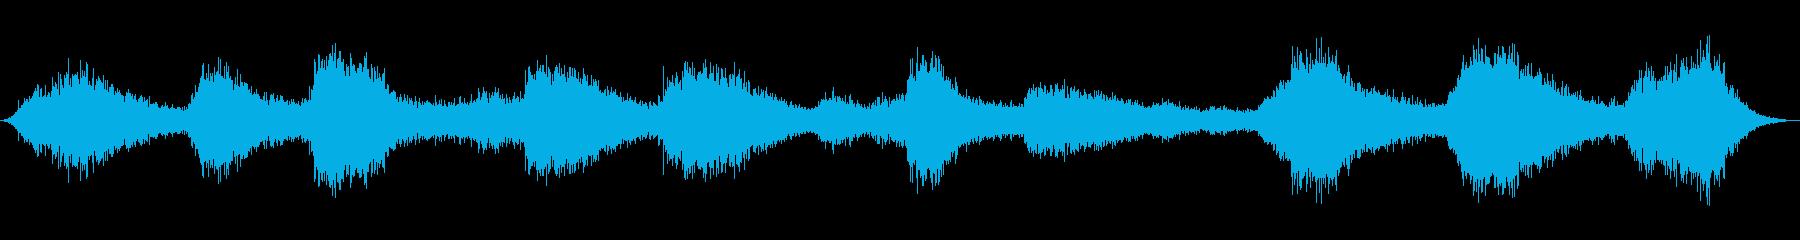 波、ビッグ、サーフ、水; DIGI...の再生済みの波形